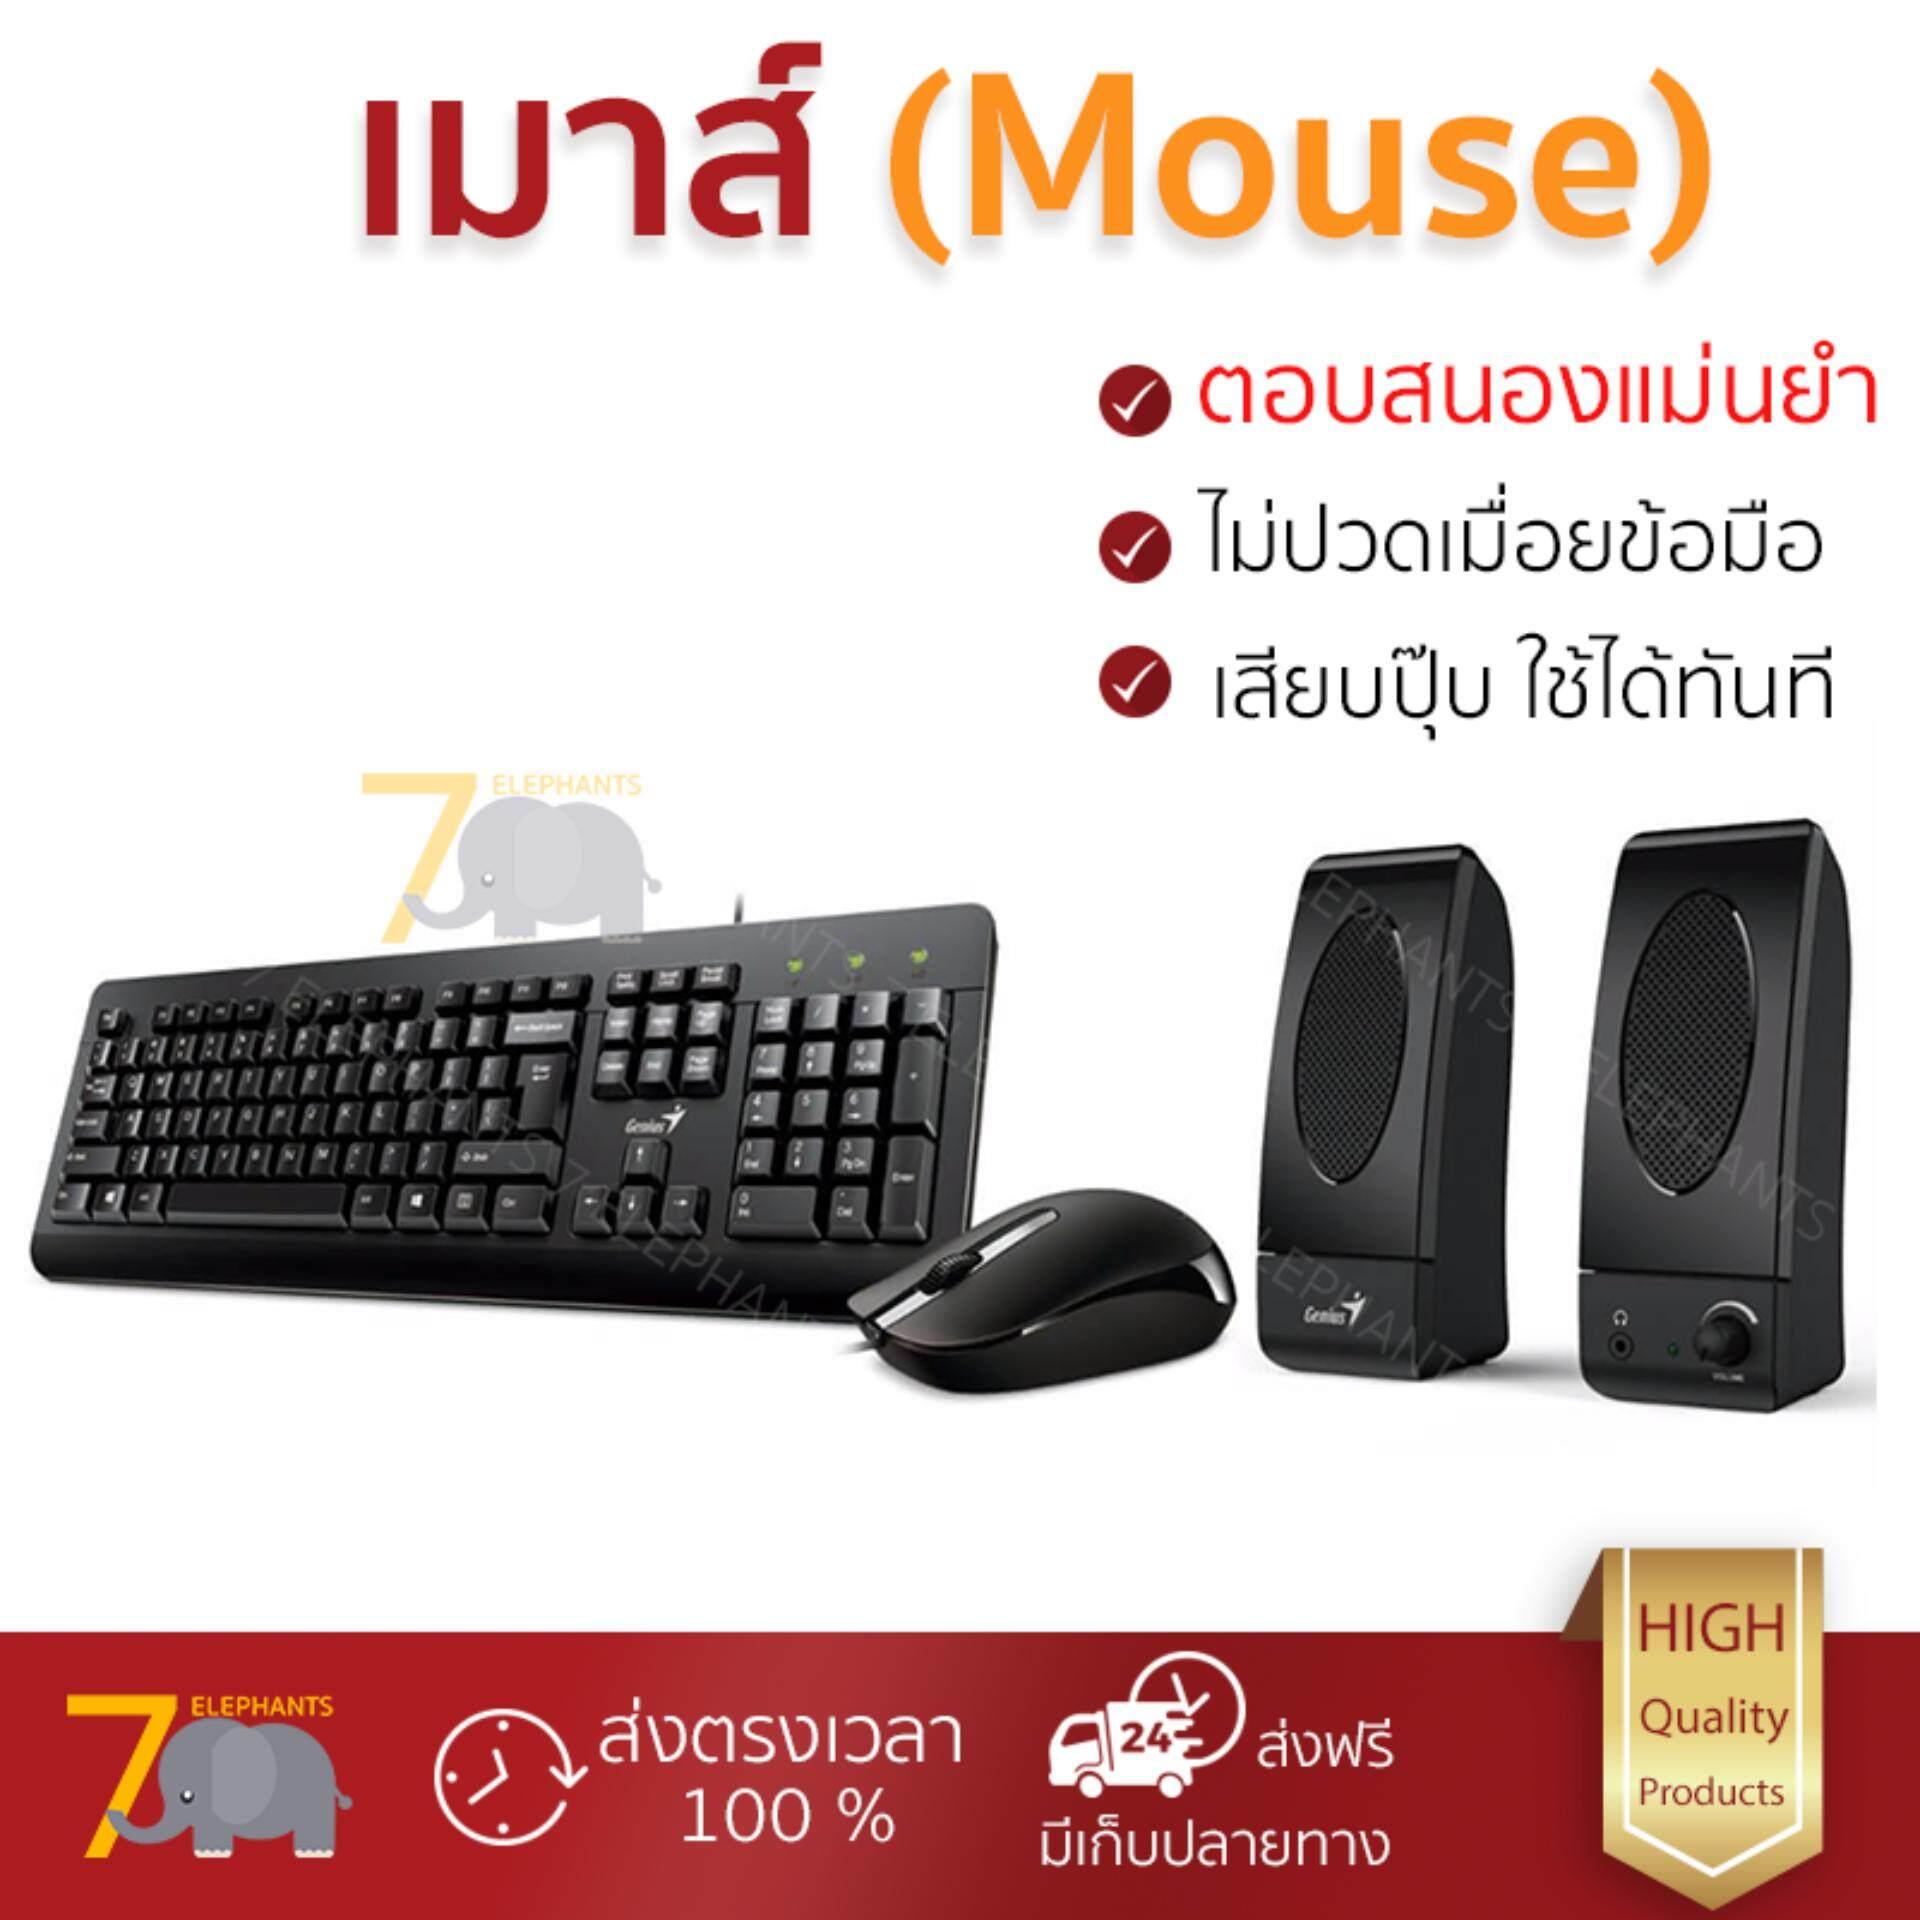 เก็บเงินปลายทางได้ รุ่นใหม่ล่าสุด เมาส์           GENIUS ชุดคอมโบเซ็ต คีย์บอร์ด+เมาส์+ลำโพง (สีดำ) รุ่น KMS U130             เซนเซอร์คุณภาพสูง ทำงานได้ลื่นไหล ไม่มีสะดุด Computer Mouse  รับประกันสินค้